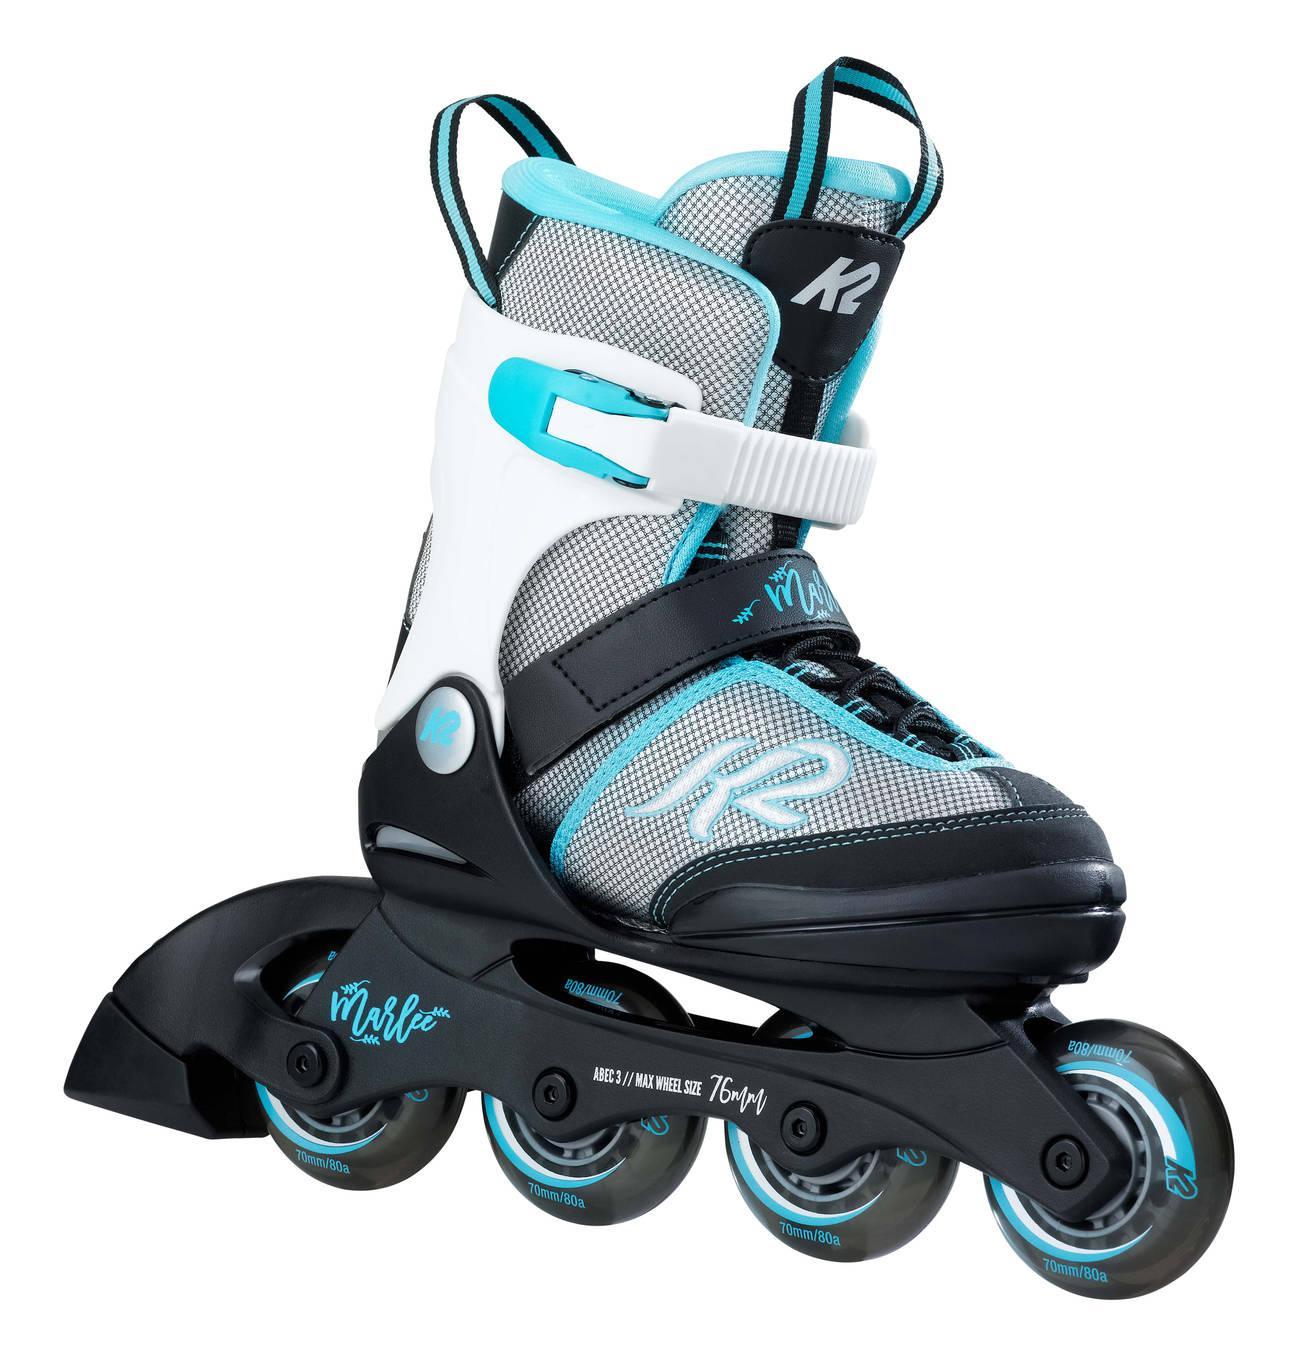 K2 Inline Skates Marlee Junior Fur Kinder Galeria Kaufhof Inline Skaten Rochen Rollerblades Kinder